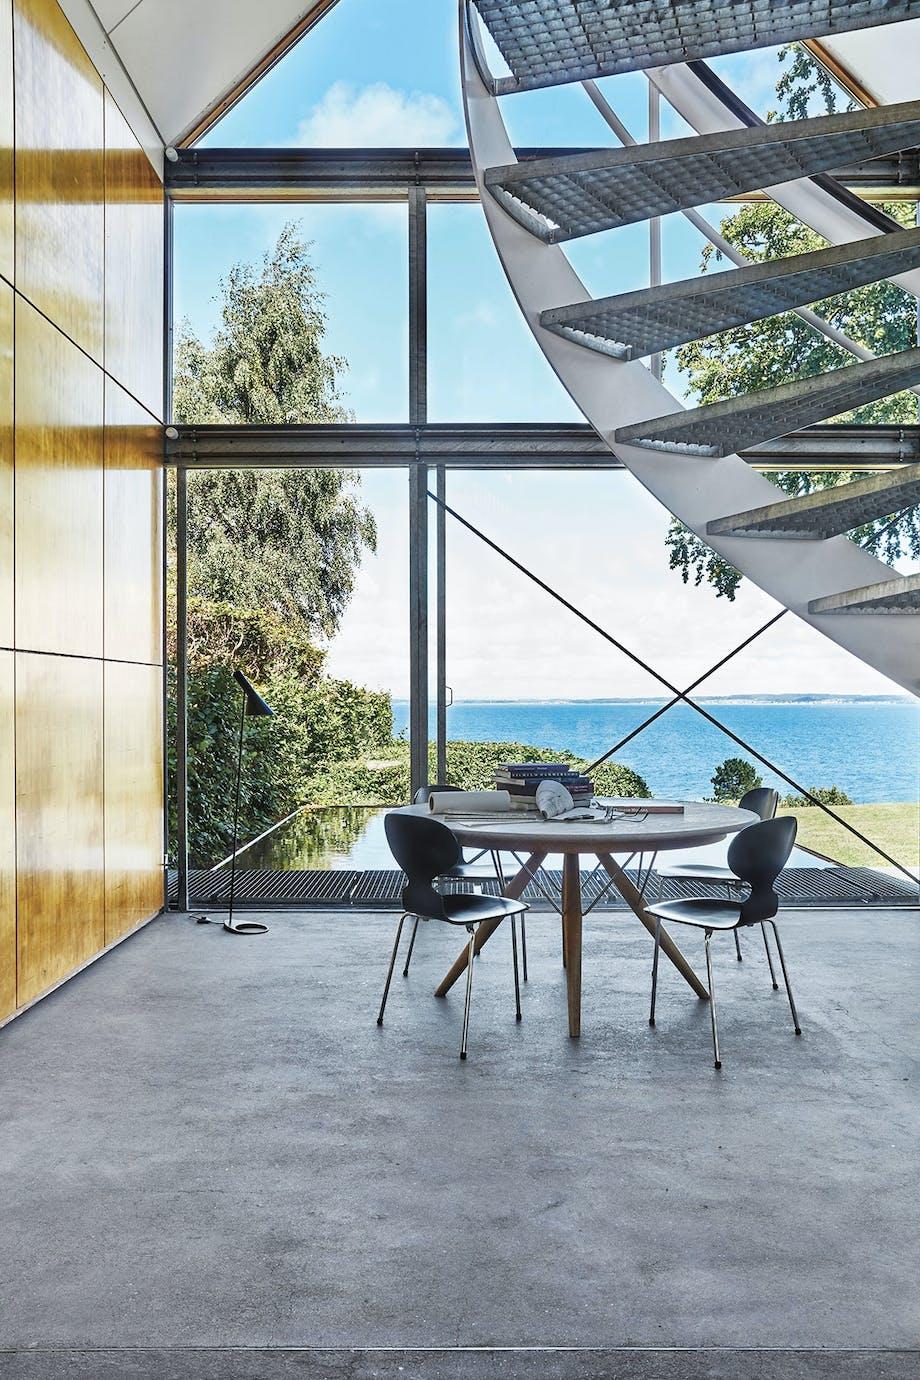 spisestue udsigt myre-stol rundt spisebord vindeltrappe